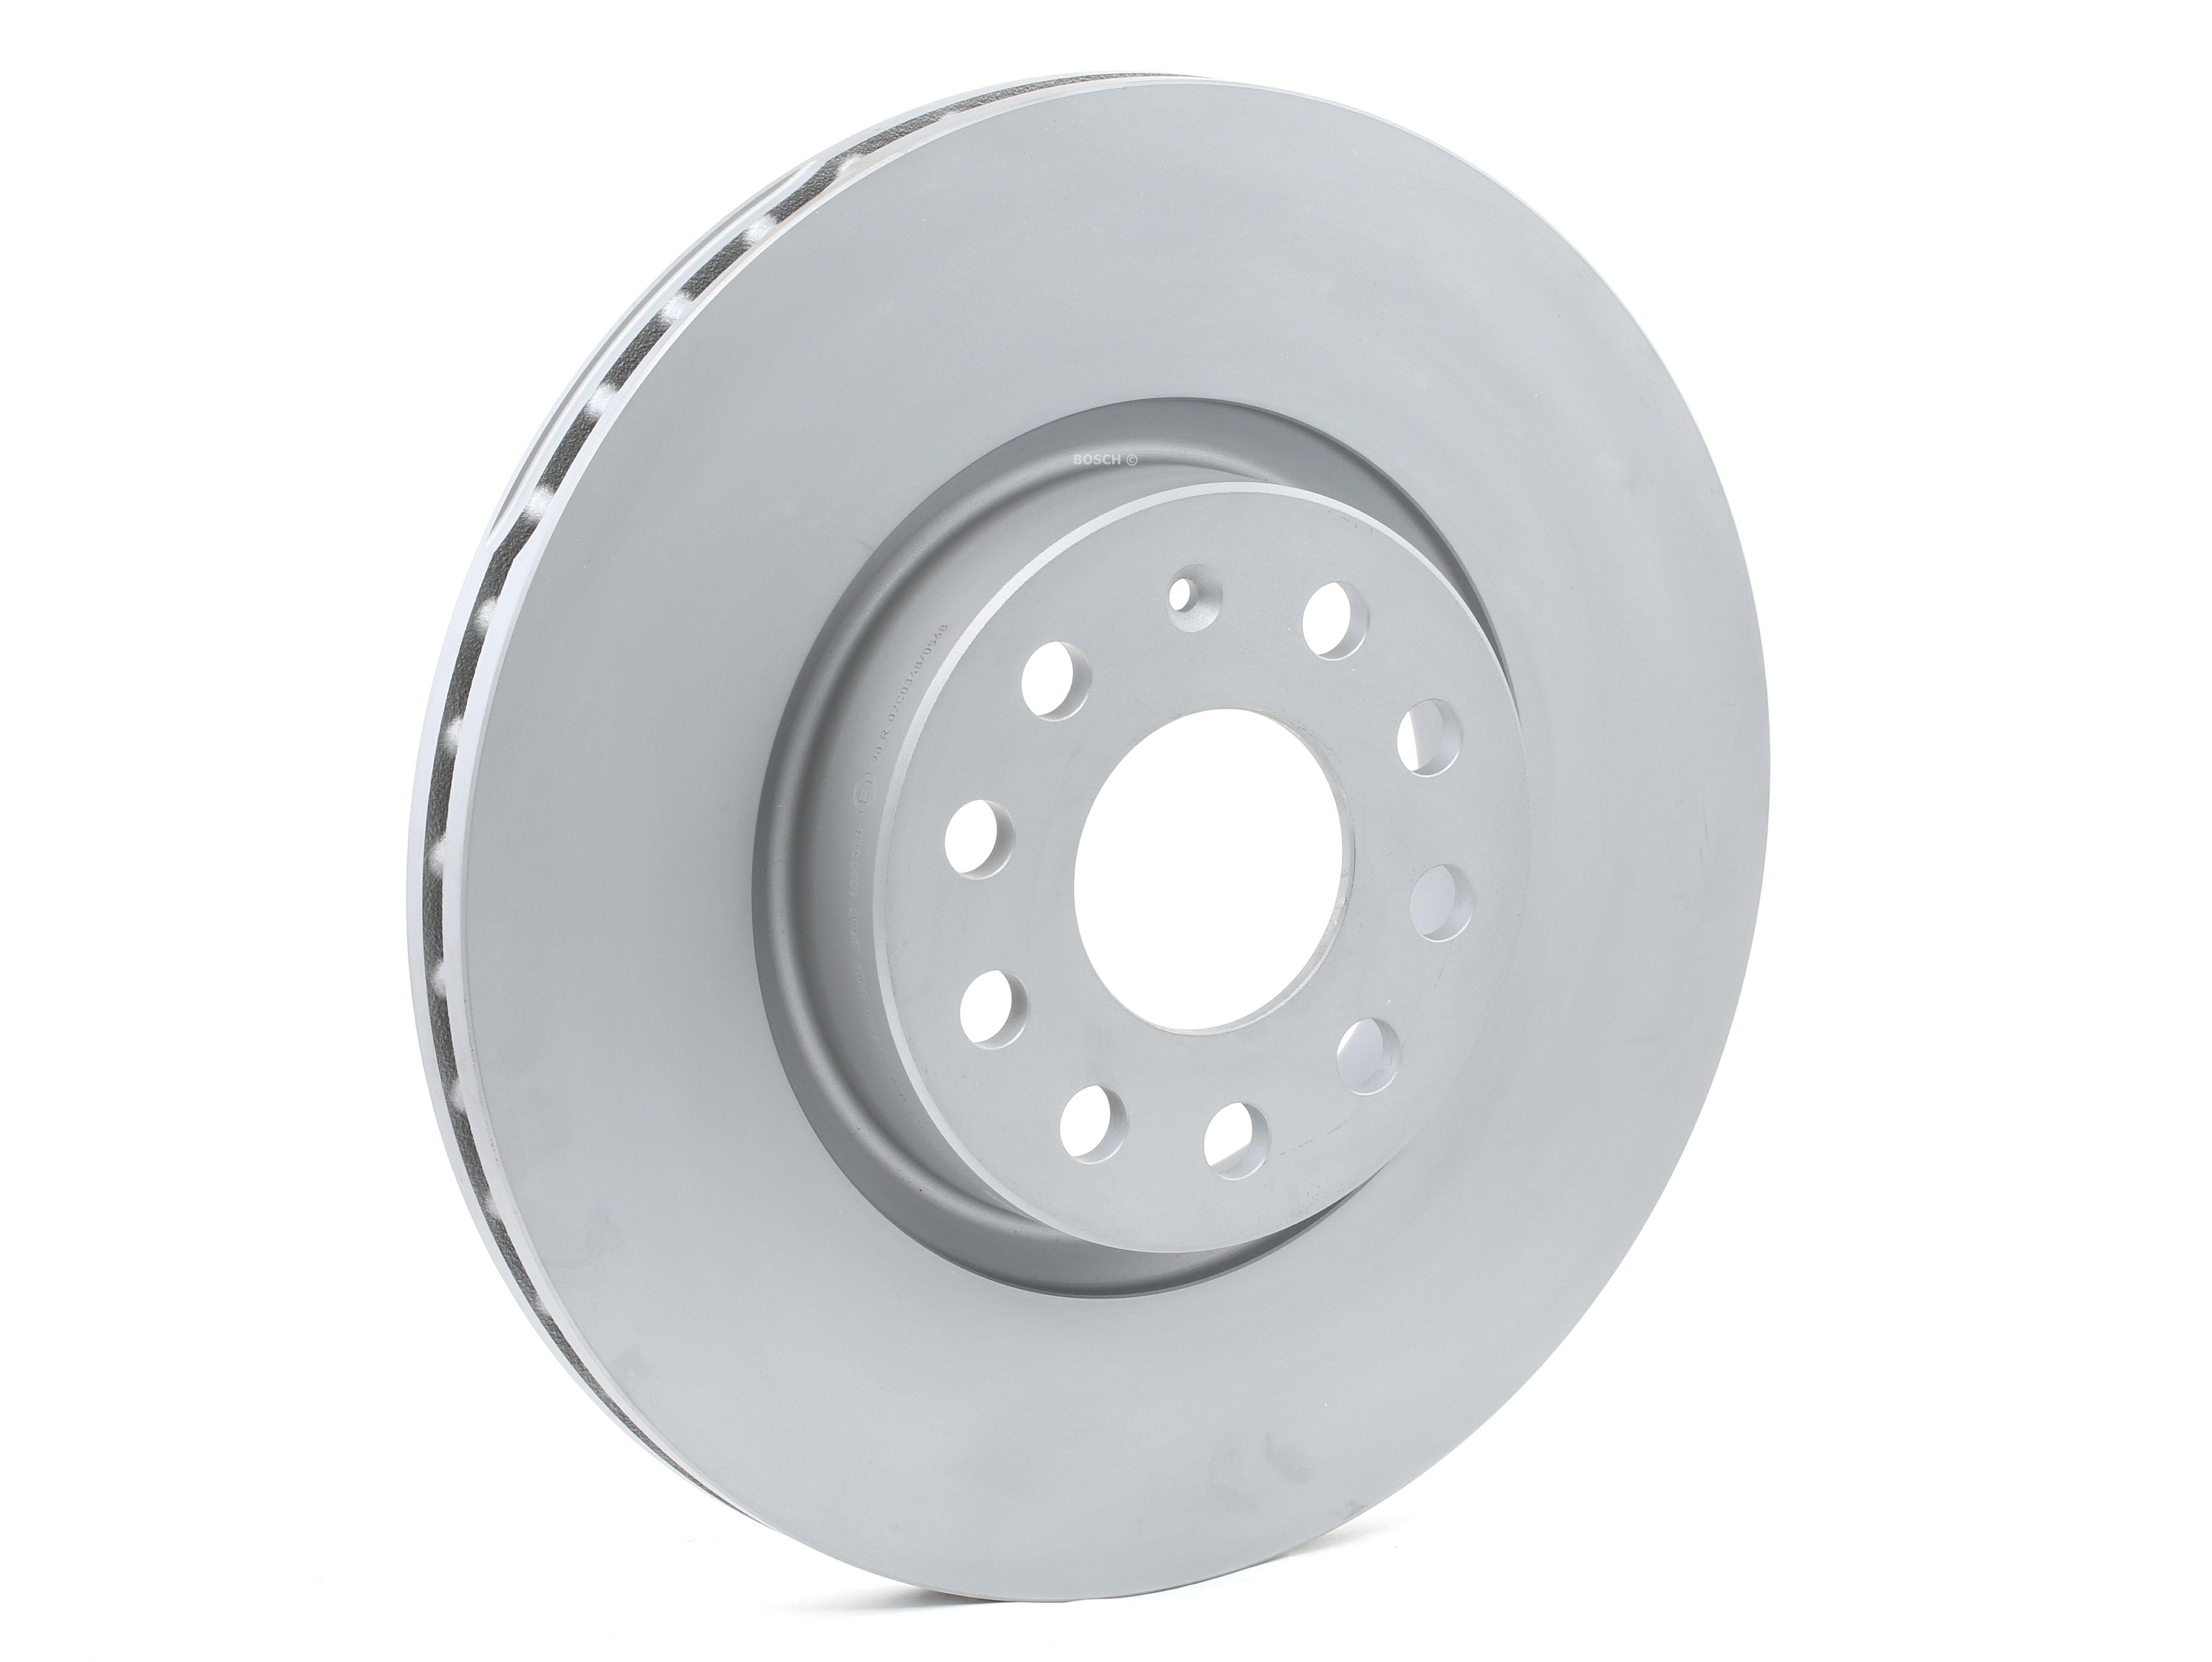 Achetez Disque BOSCH 0 986 479 058 (Ø: 312mm, Nbre de trous: 9, Épaisseur du disque de frein: 25,1mm) à un rapport qualité-prix exceptionnel